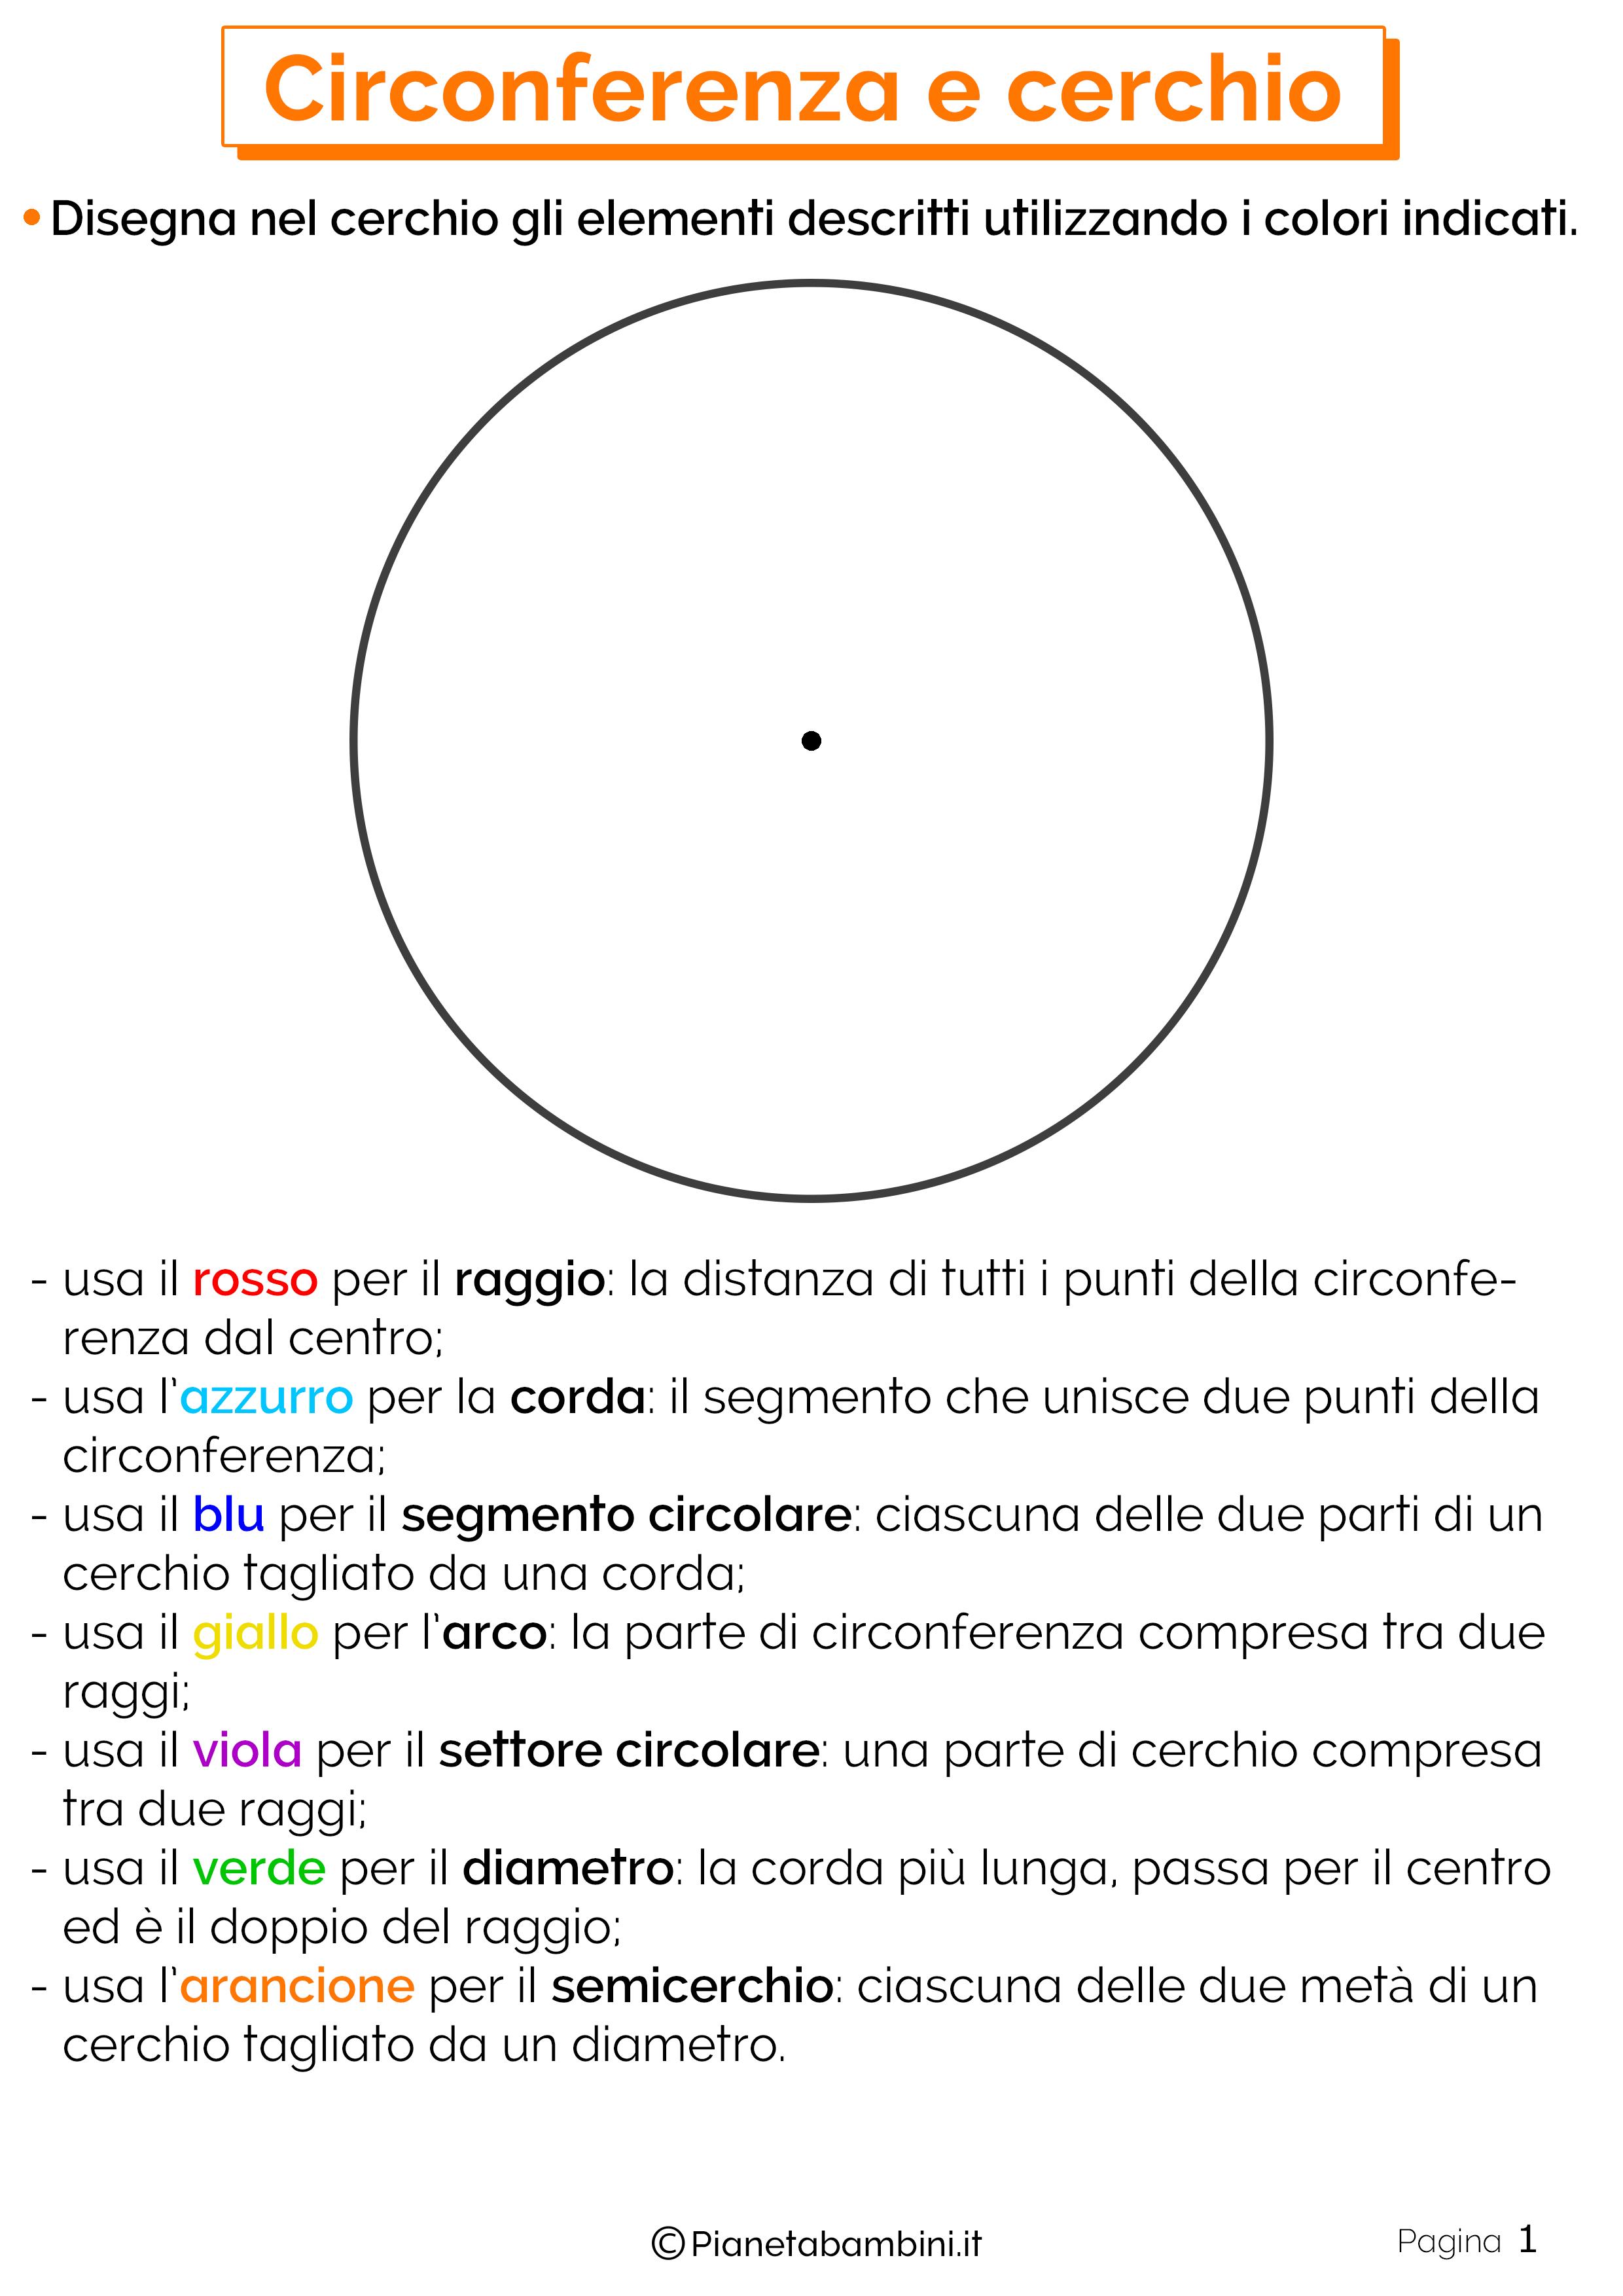 Schede didattiche su circonferenza e cerchio 6